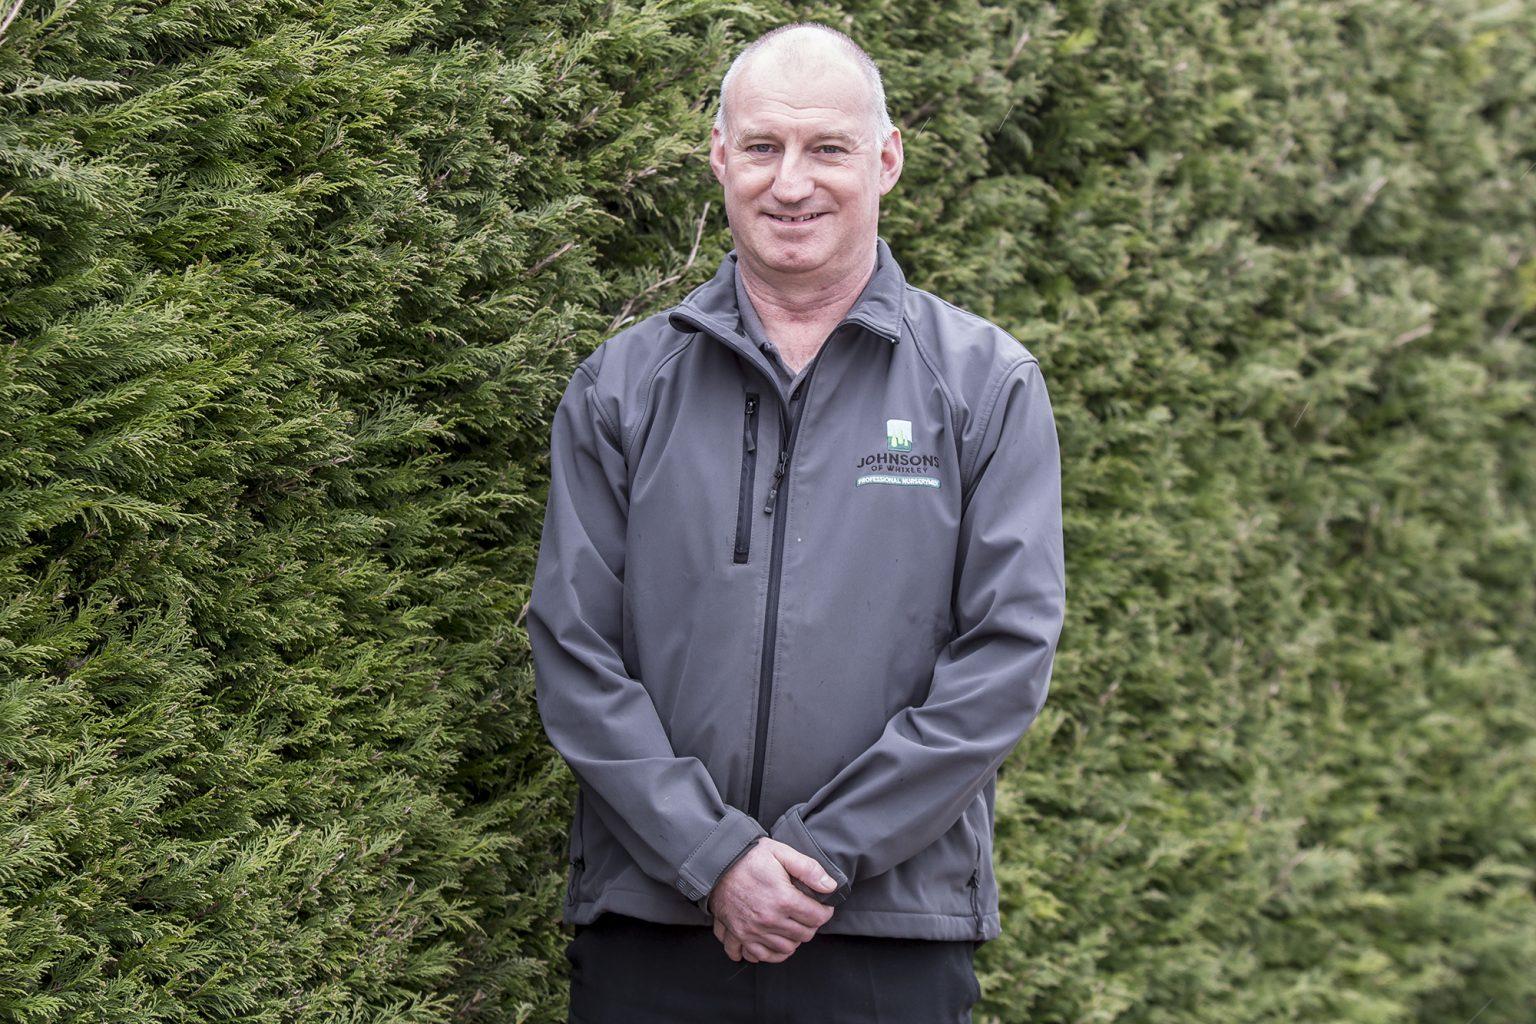 Johnsons of Whixley Meet the boss - Tony Coles